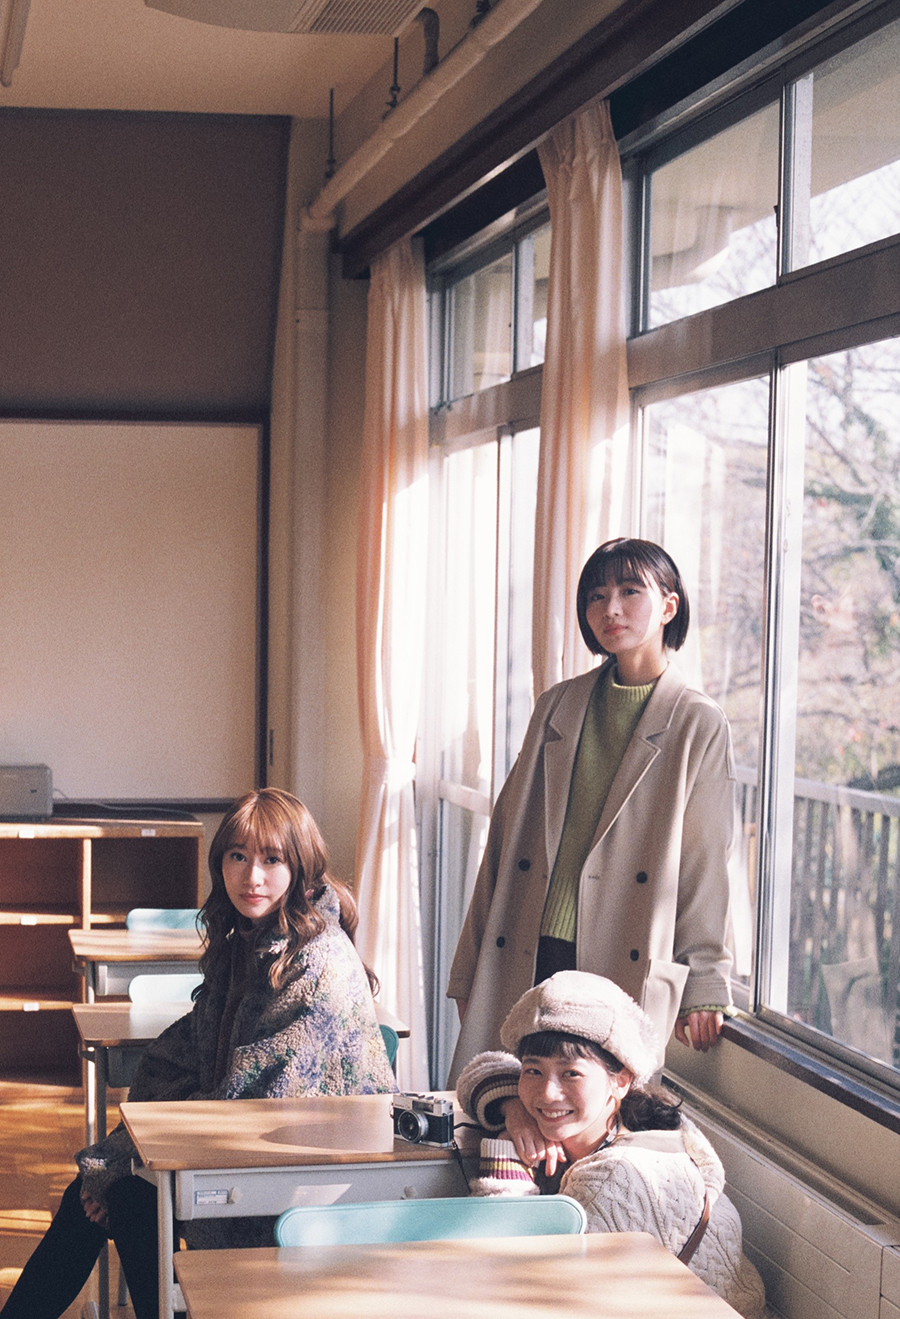 映画「シノノメ色の週末」に三戸なつめが出演決定(2021年秋公開)